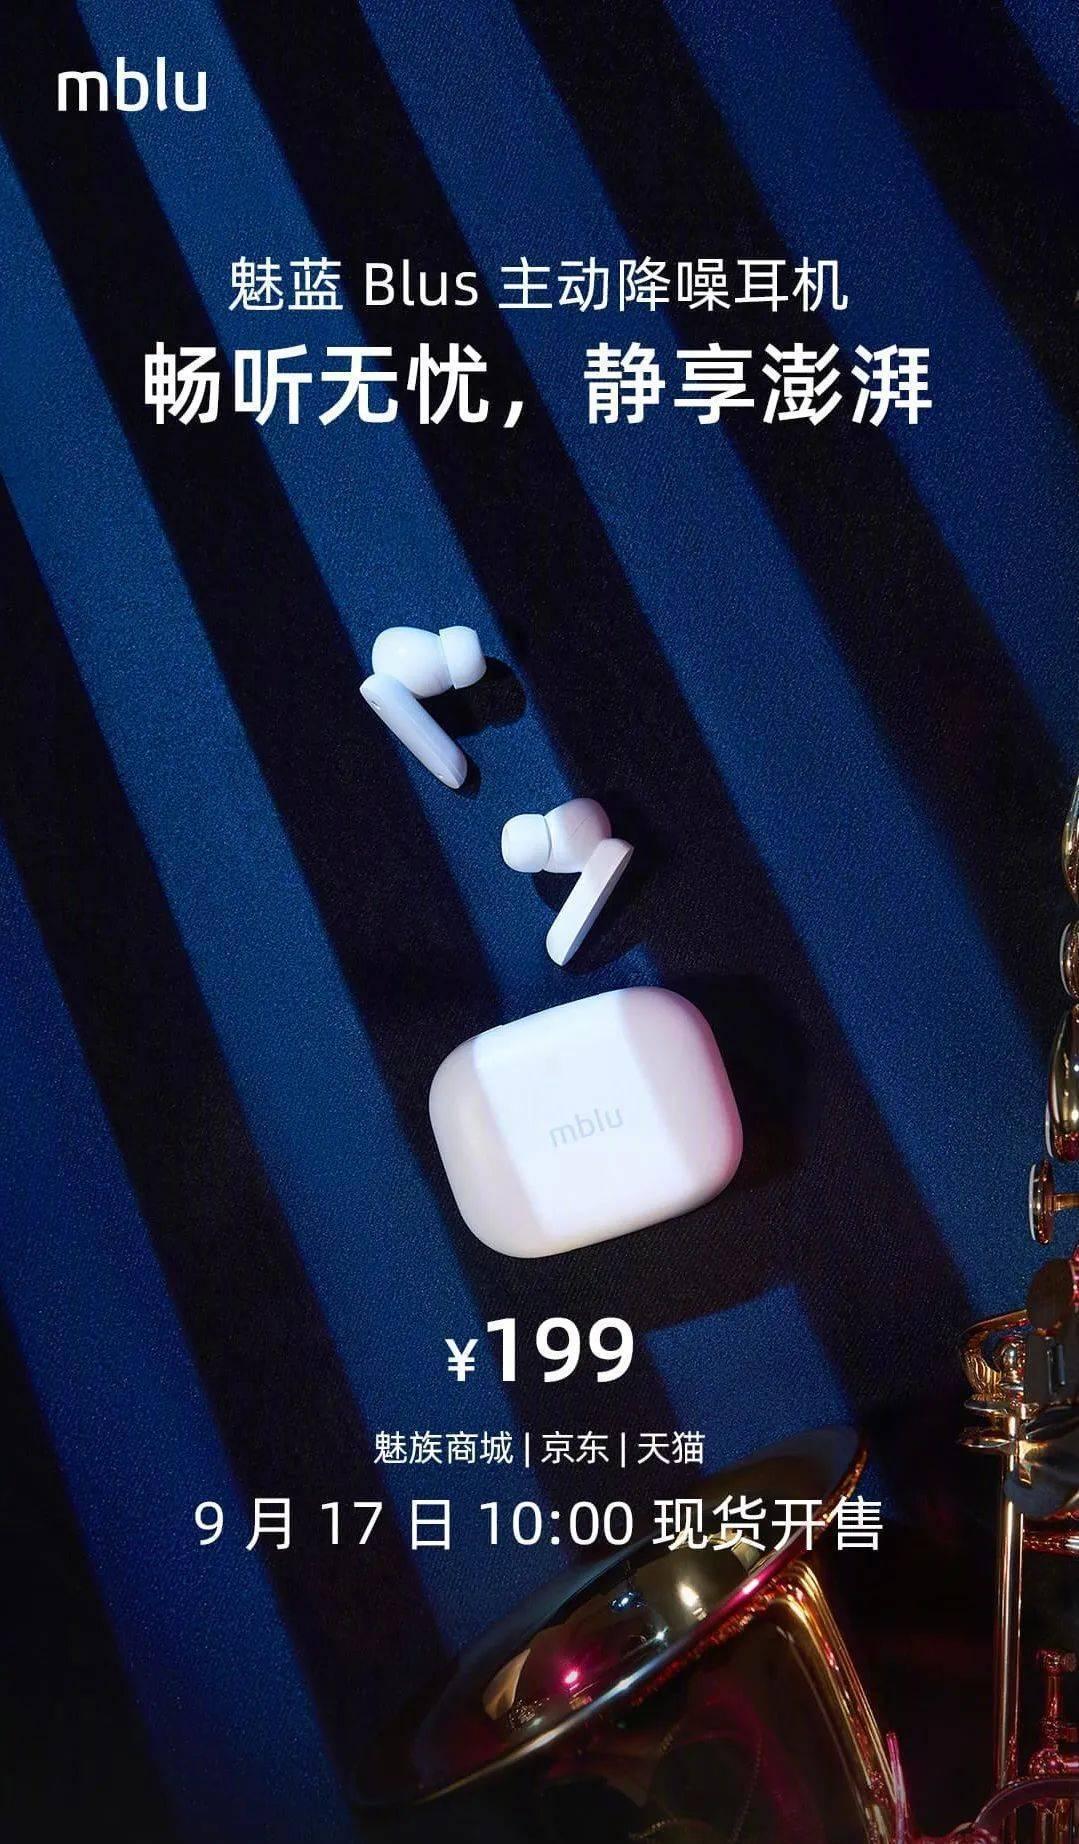 魅蓝回归新品Blus主动降噪耳机199元值得购买?